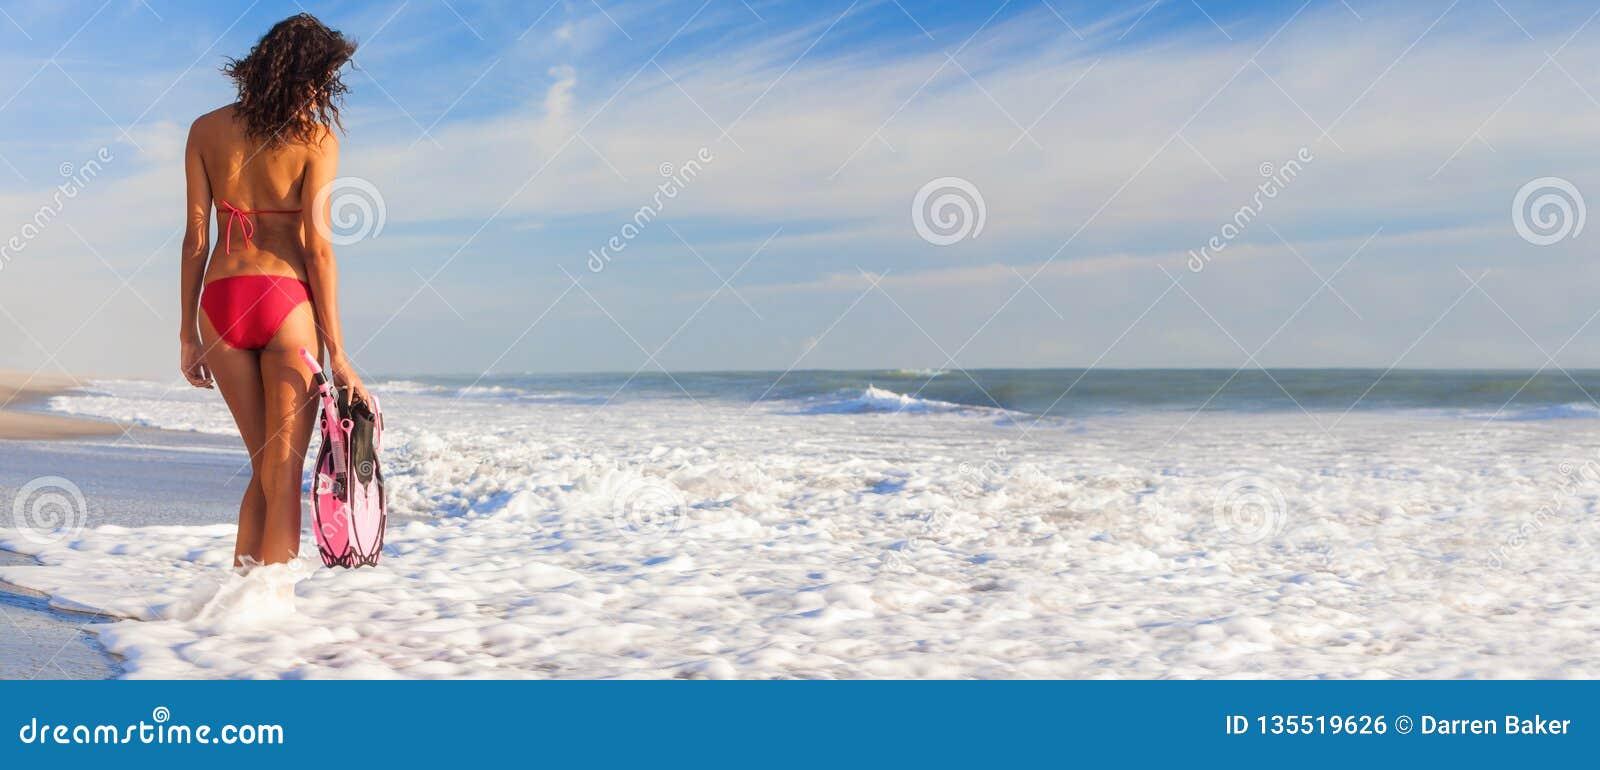 海滩的全景背面图比基尼泳装妇女女孩